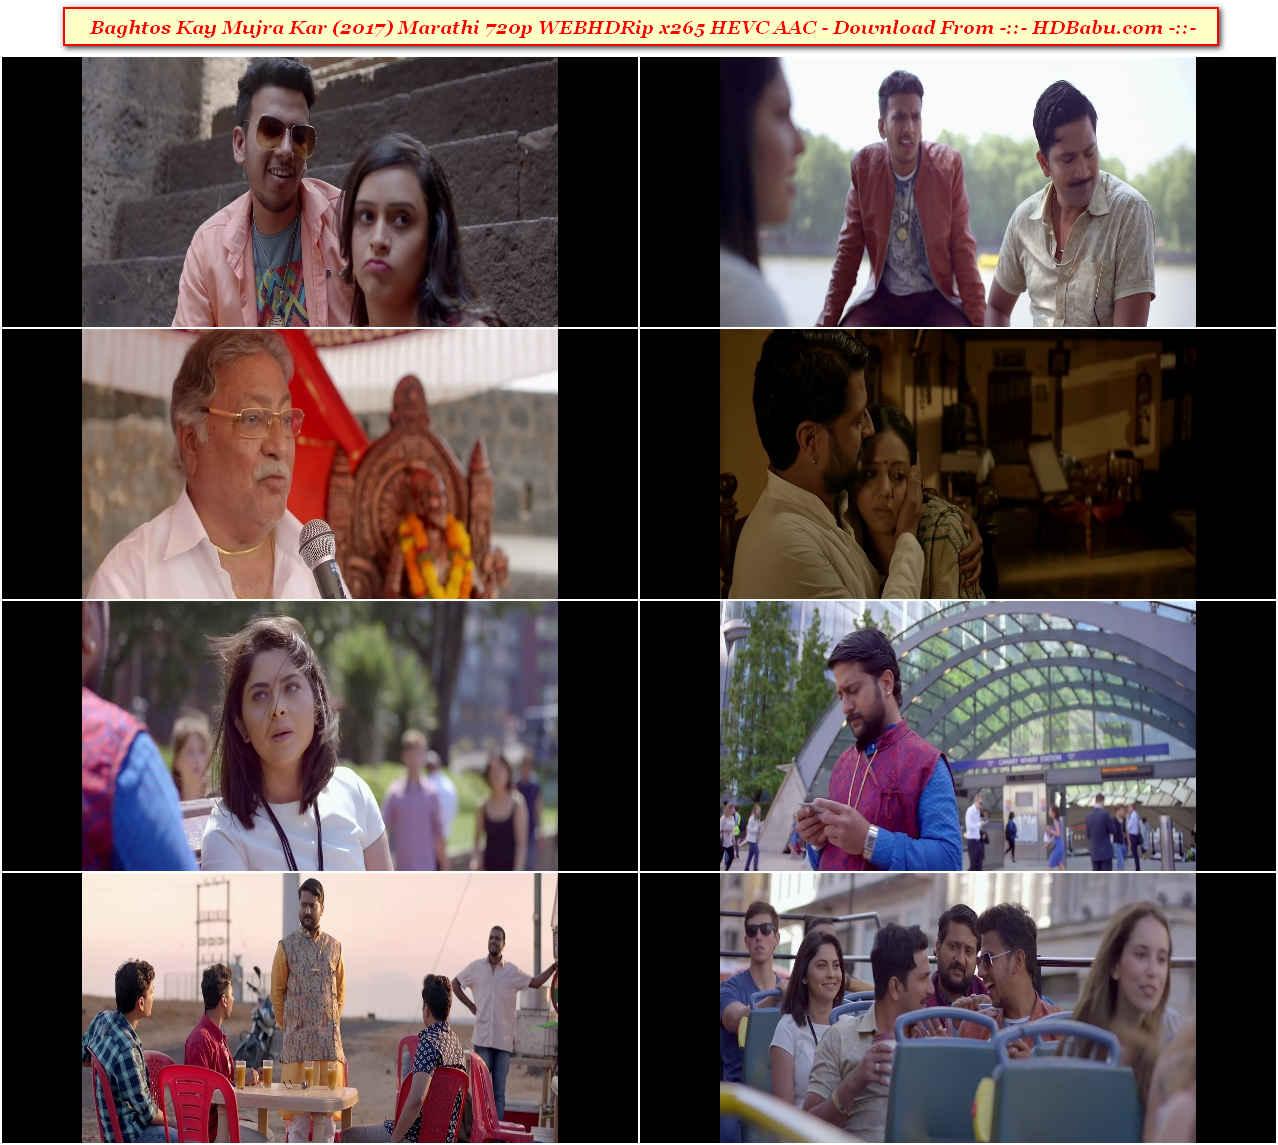 Baghtos Kay Mujra Kar Full Movie Download